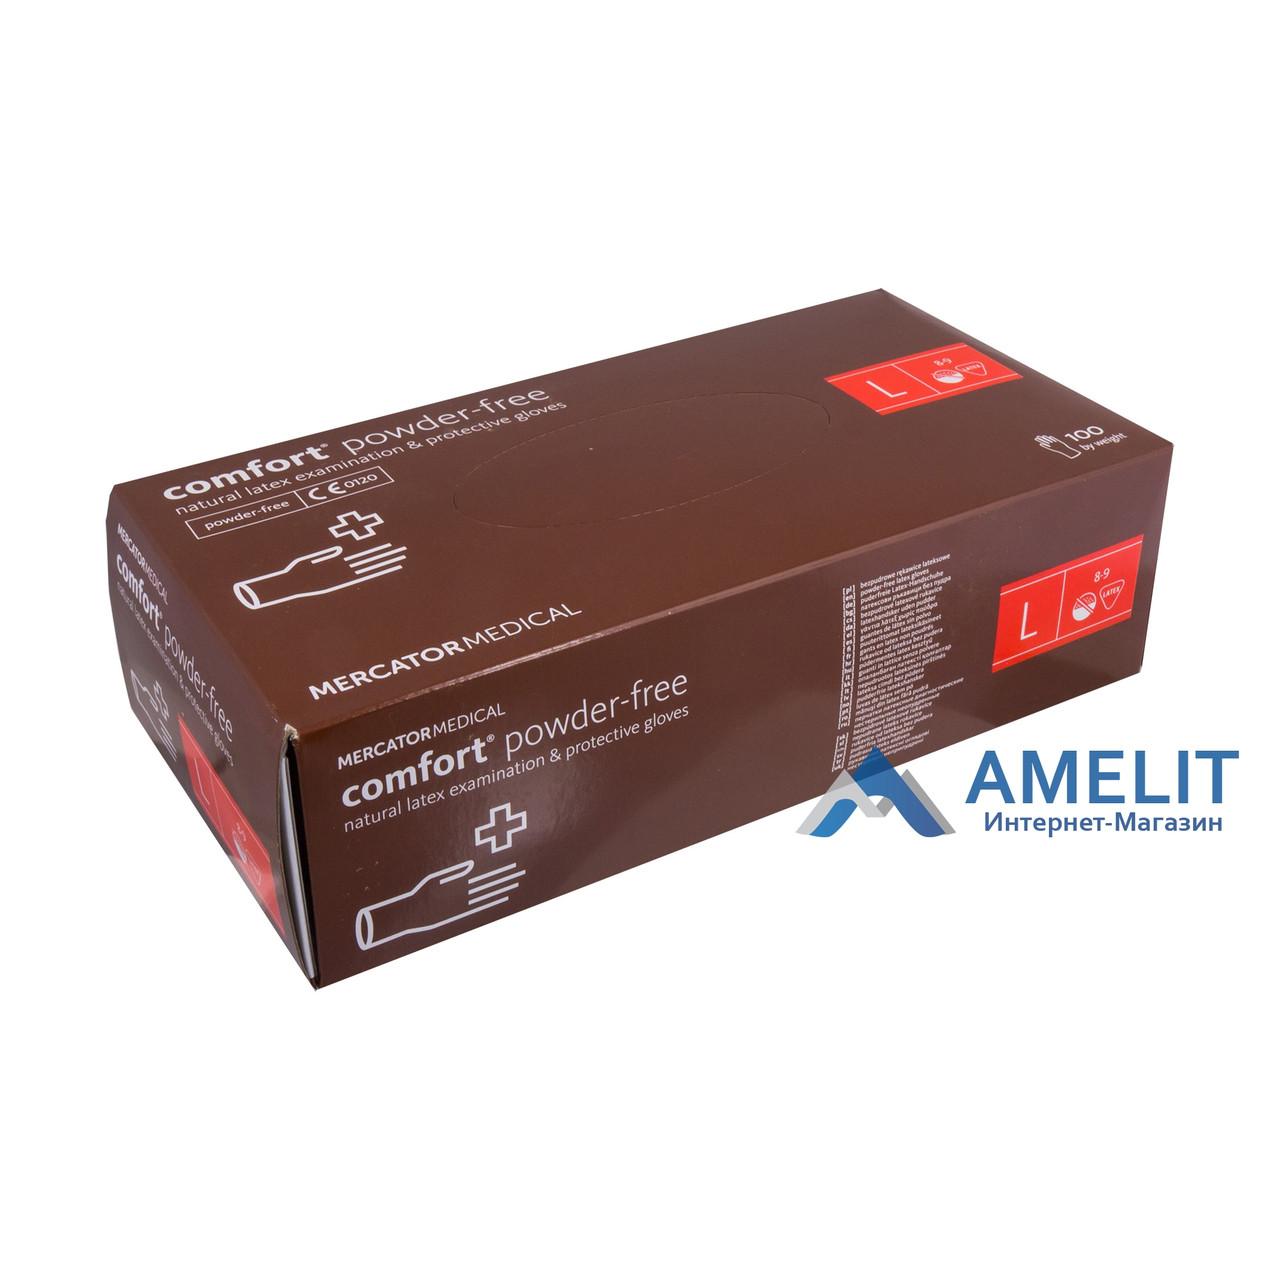 Перчатки латексные Комфорт ПФ (Comfort PF, Mercator Medical), бежевые, размер «L», 50пар/упак.